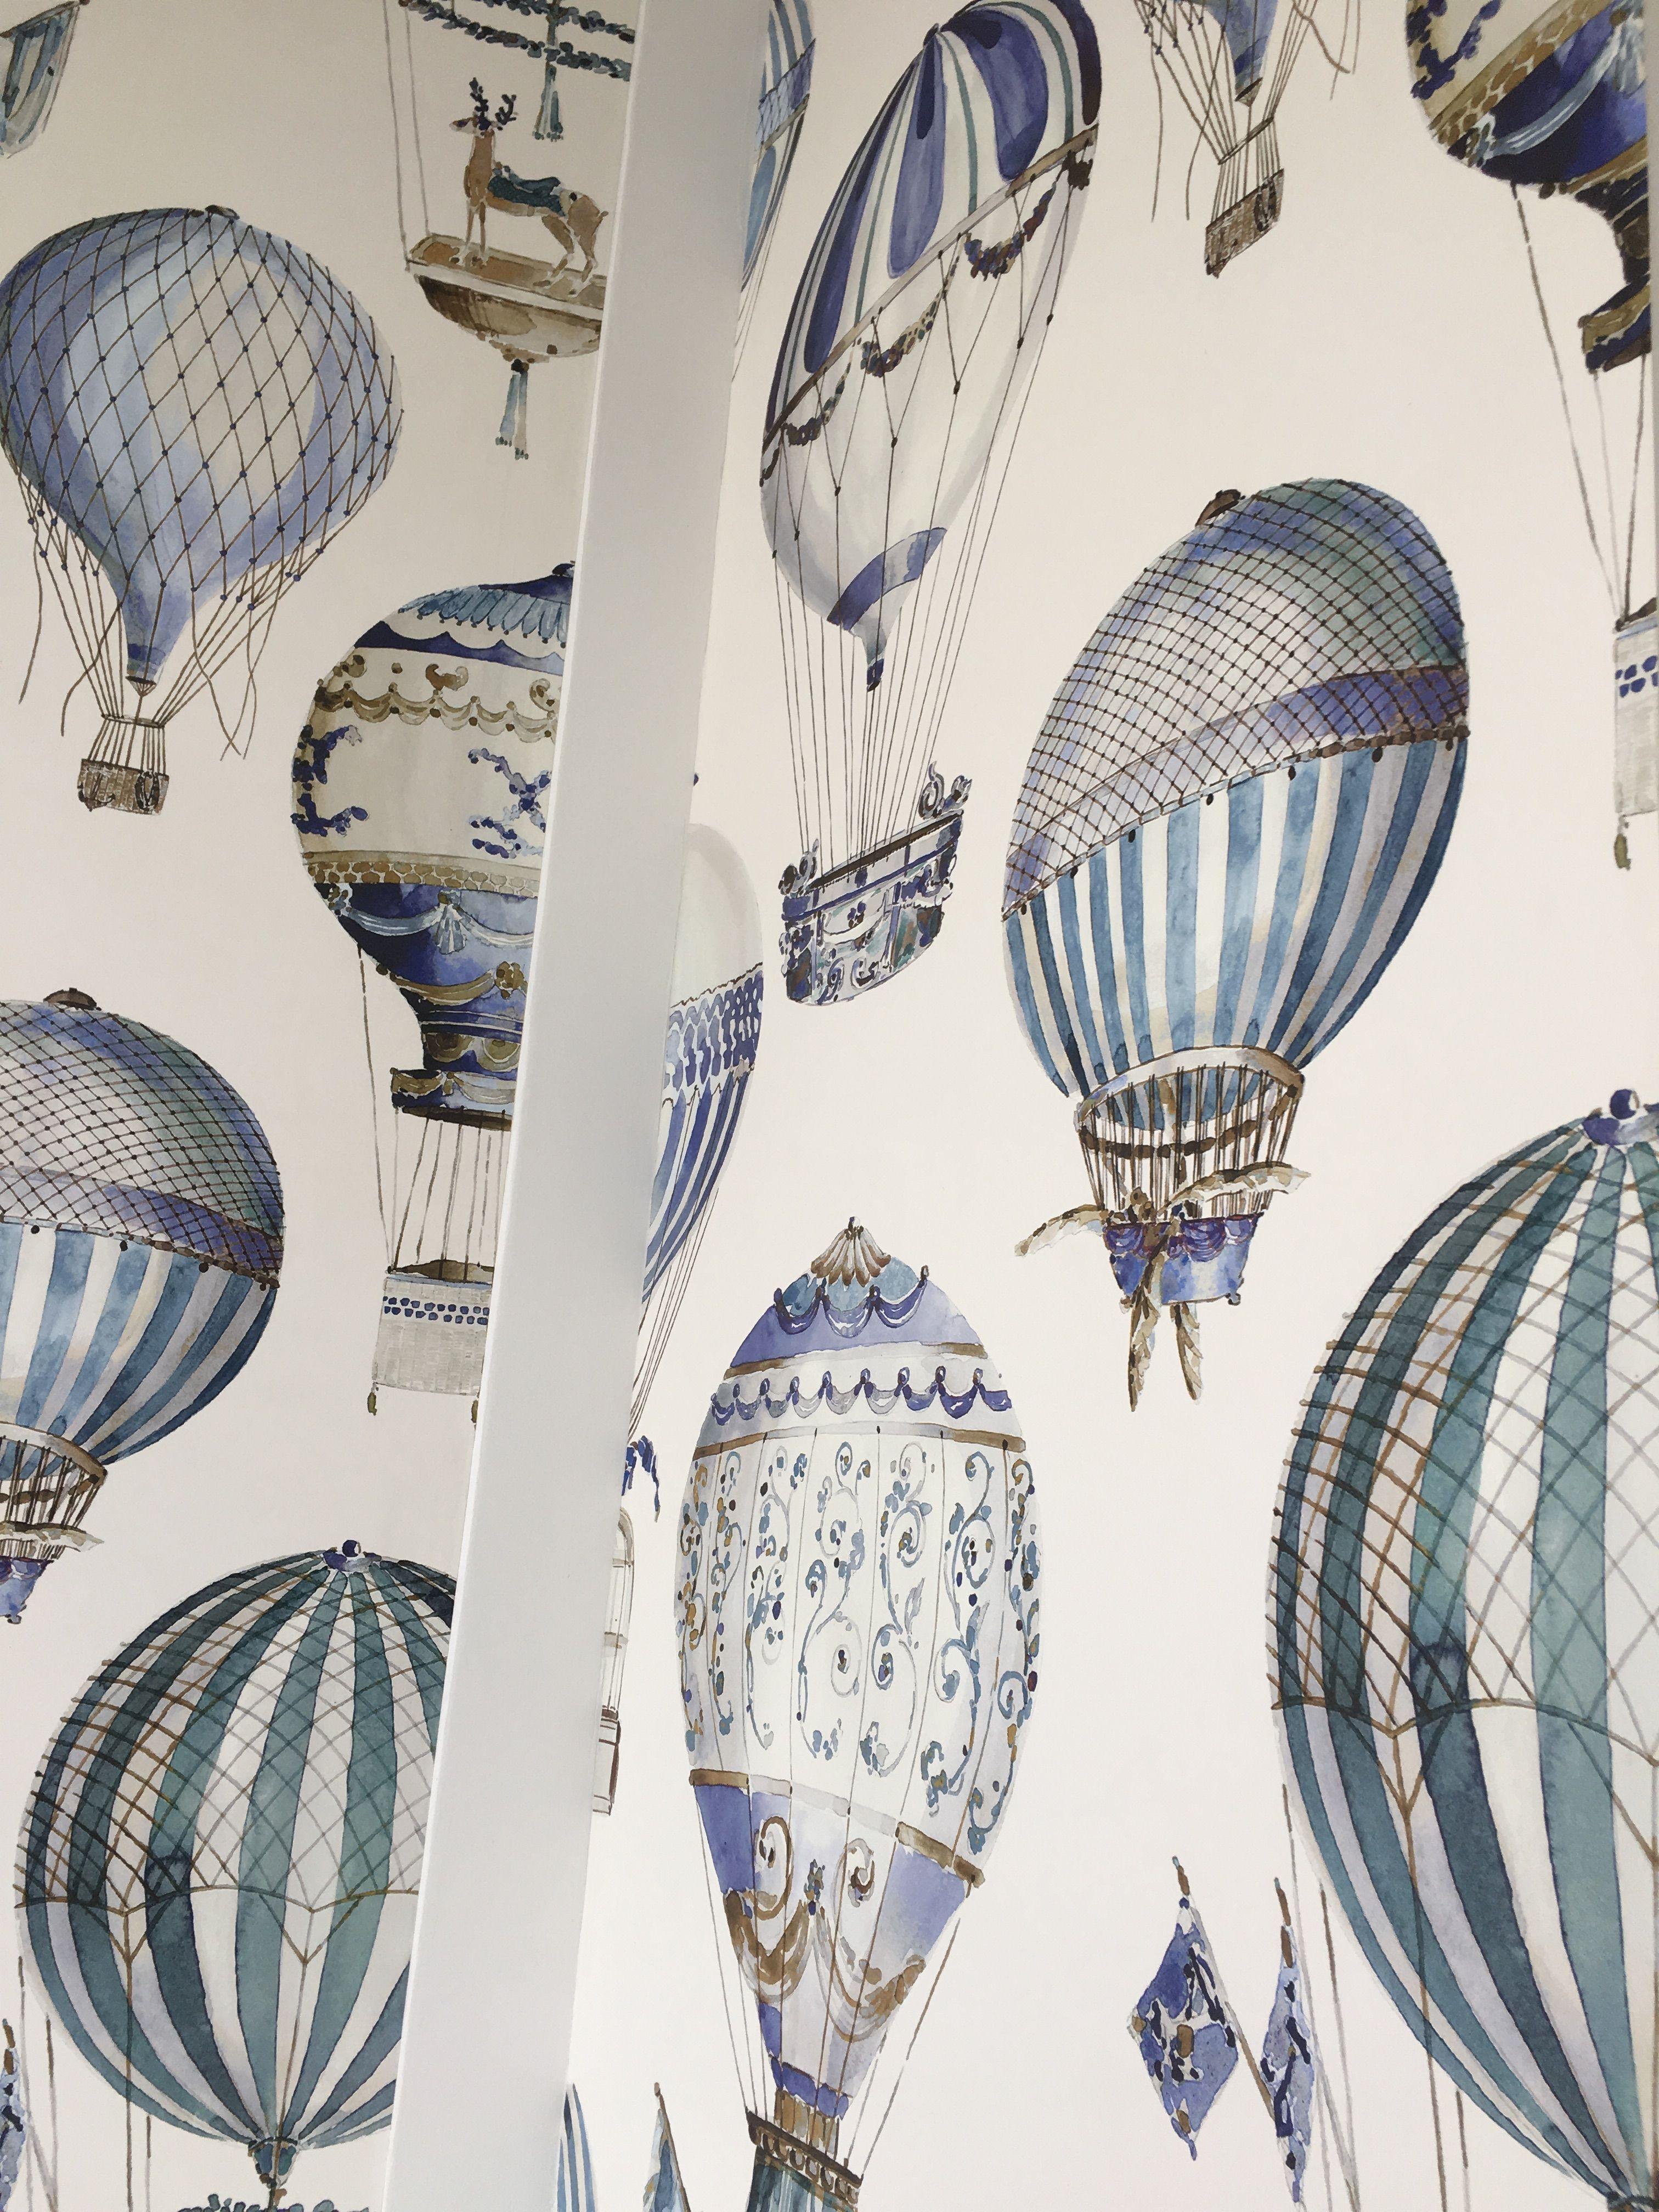 Hot Air Balloon Wallpaper Bathroom, Hot Air Balloon Bathroom Decor